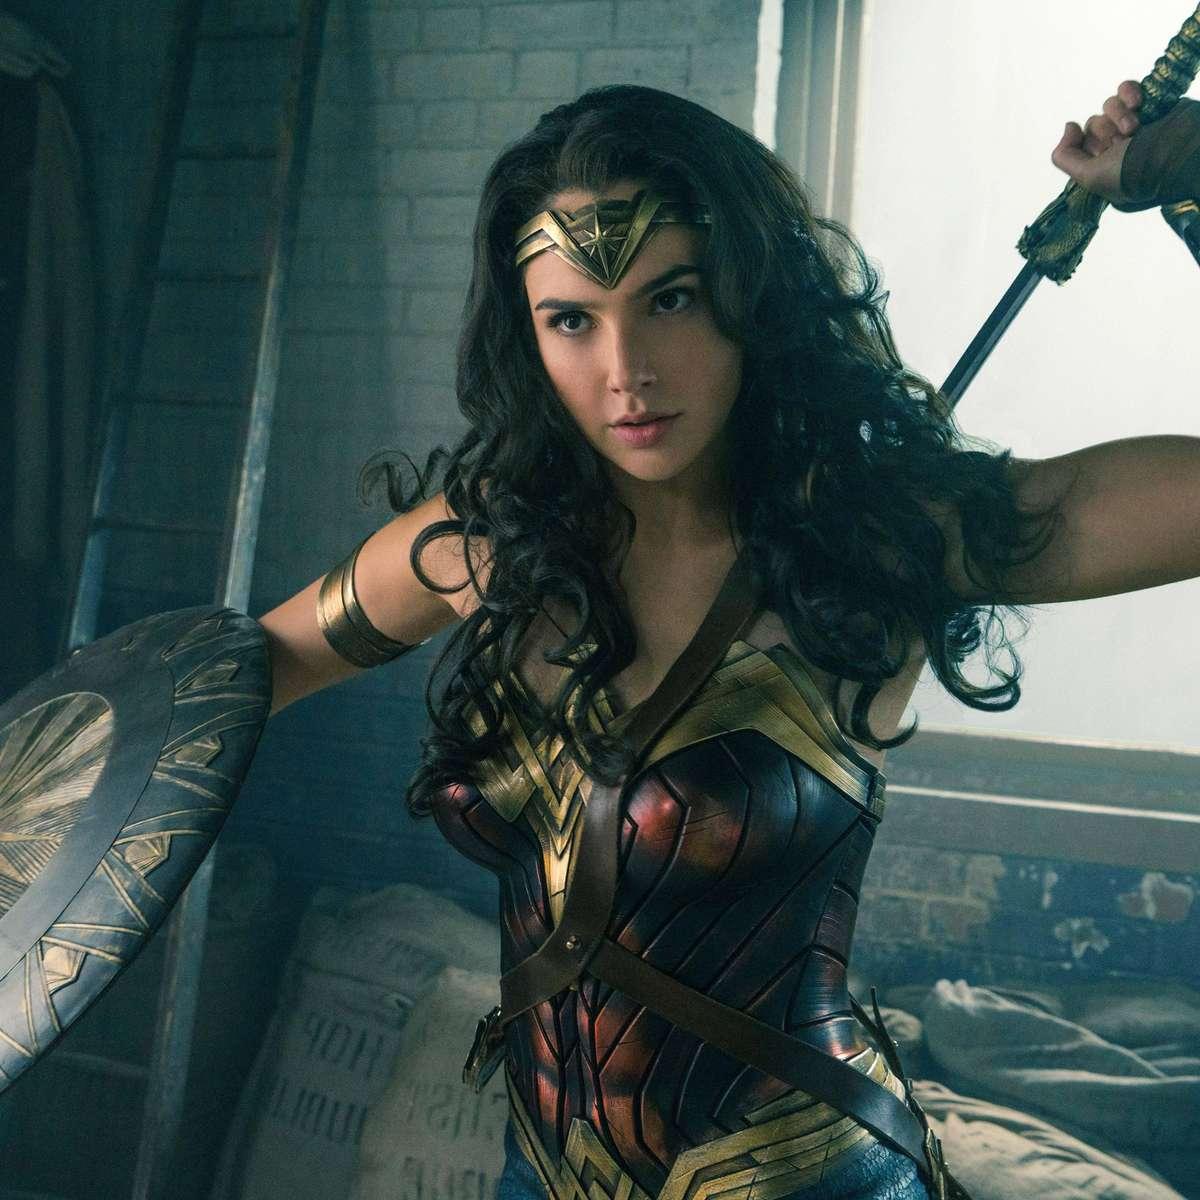 Wonder Woman superhero performance debate club